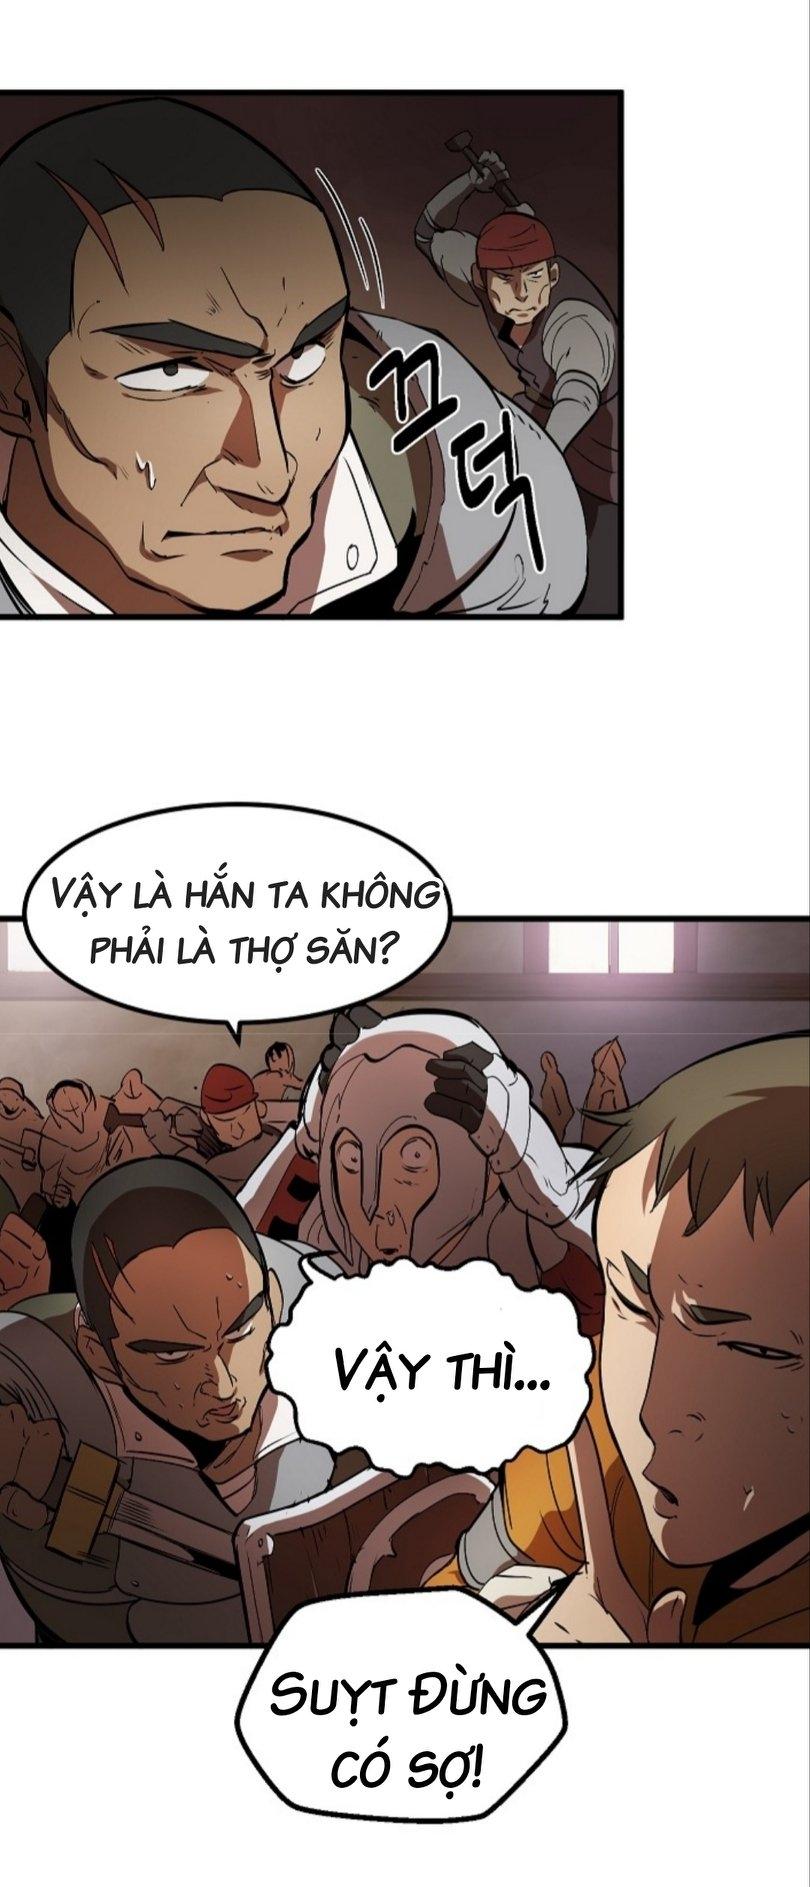 Anh Hùng Mạnh Nhất? Ta Không Làm Lâu Rồi! chap 5 - Trang 35